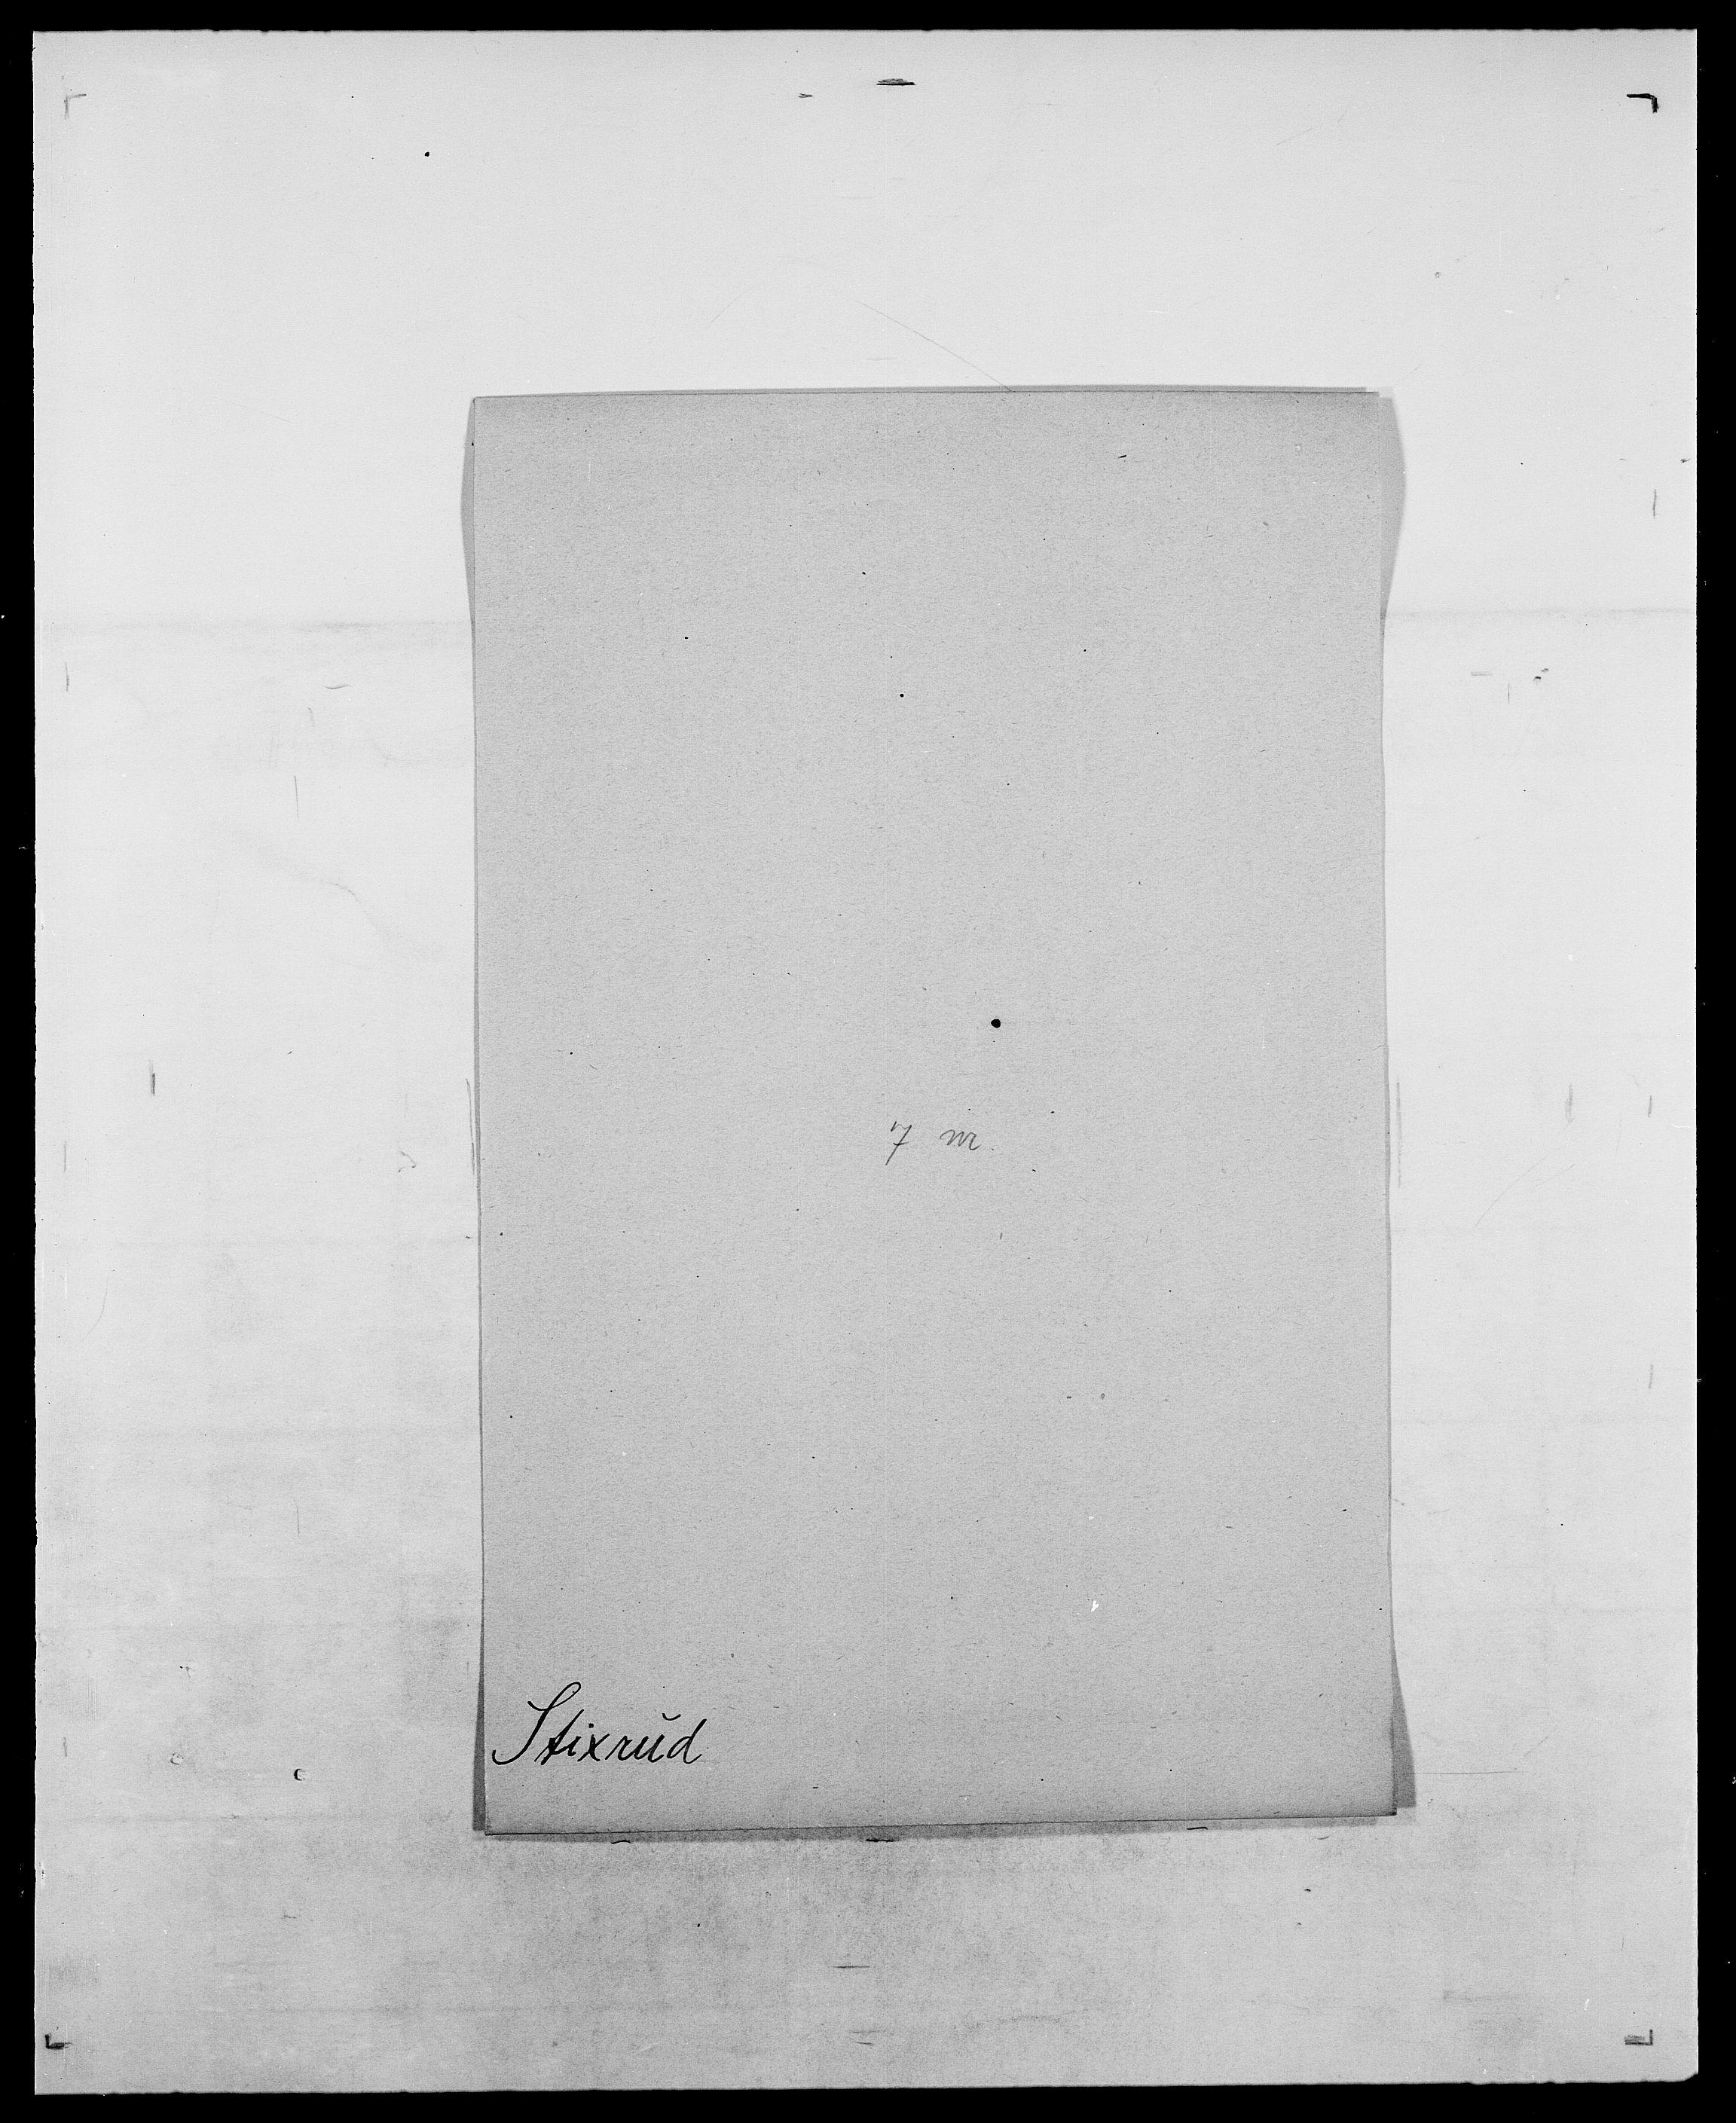 SAO, Delgobe, Charles Antoine - samling, D/Da/L0037: Steen, Sthen, Stein - Svare, Svanige, Svanne, se også Svanning og Schwane, s. 396